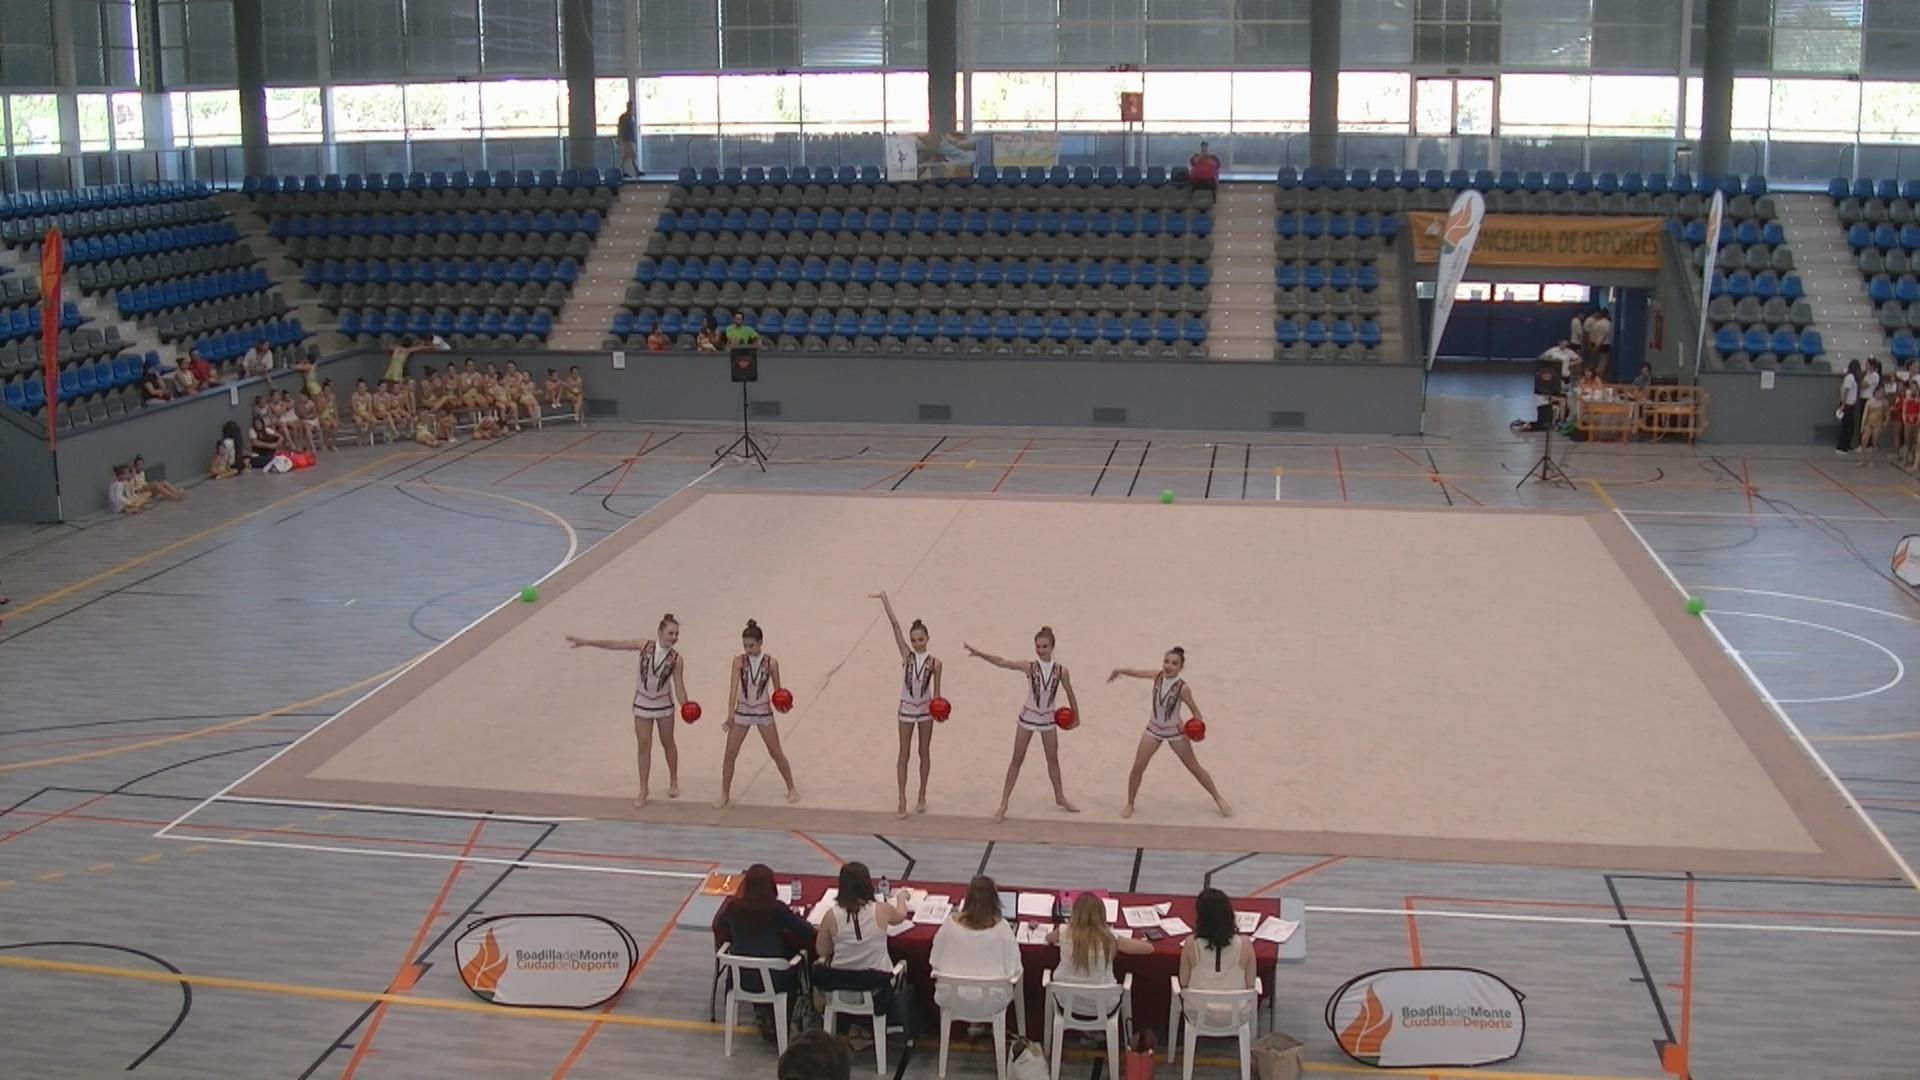 XII Trofeo Entrenadoras Gimnasia Rítmica